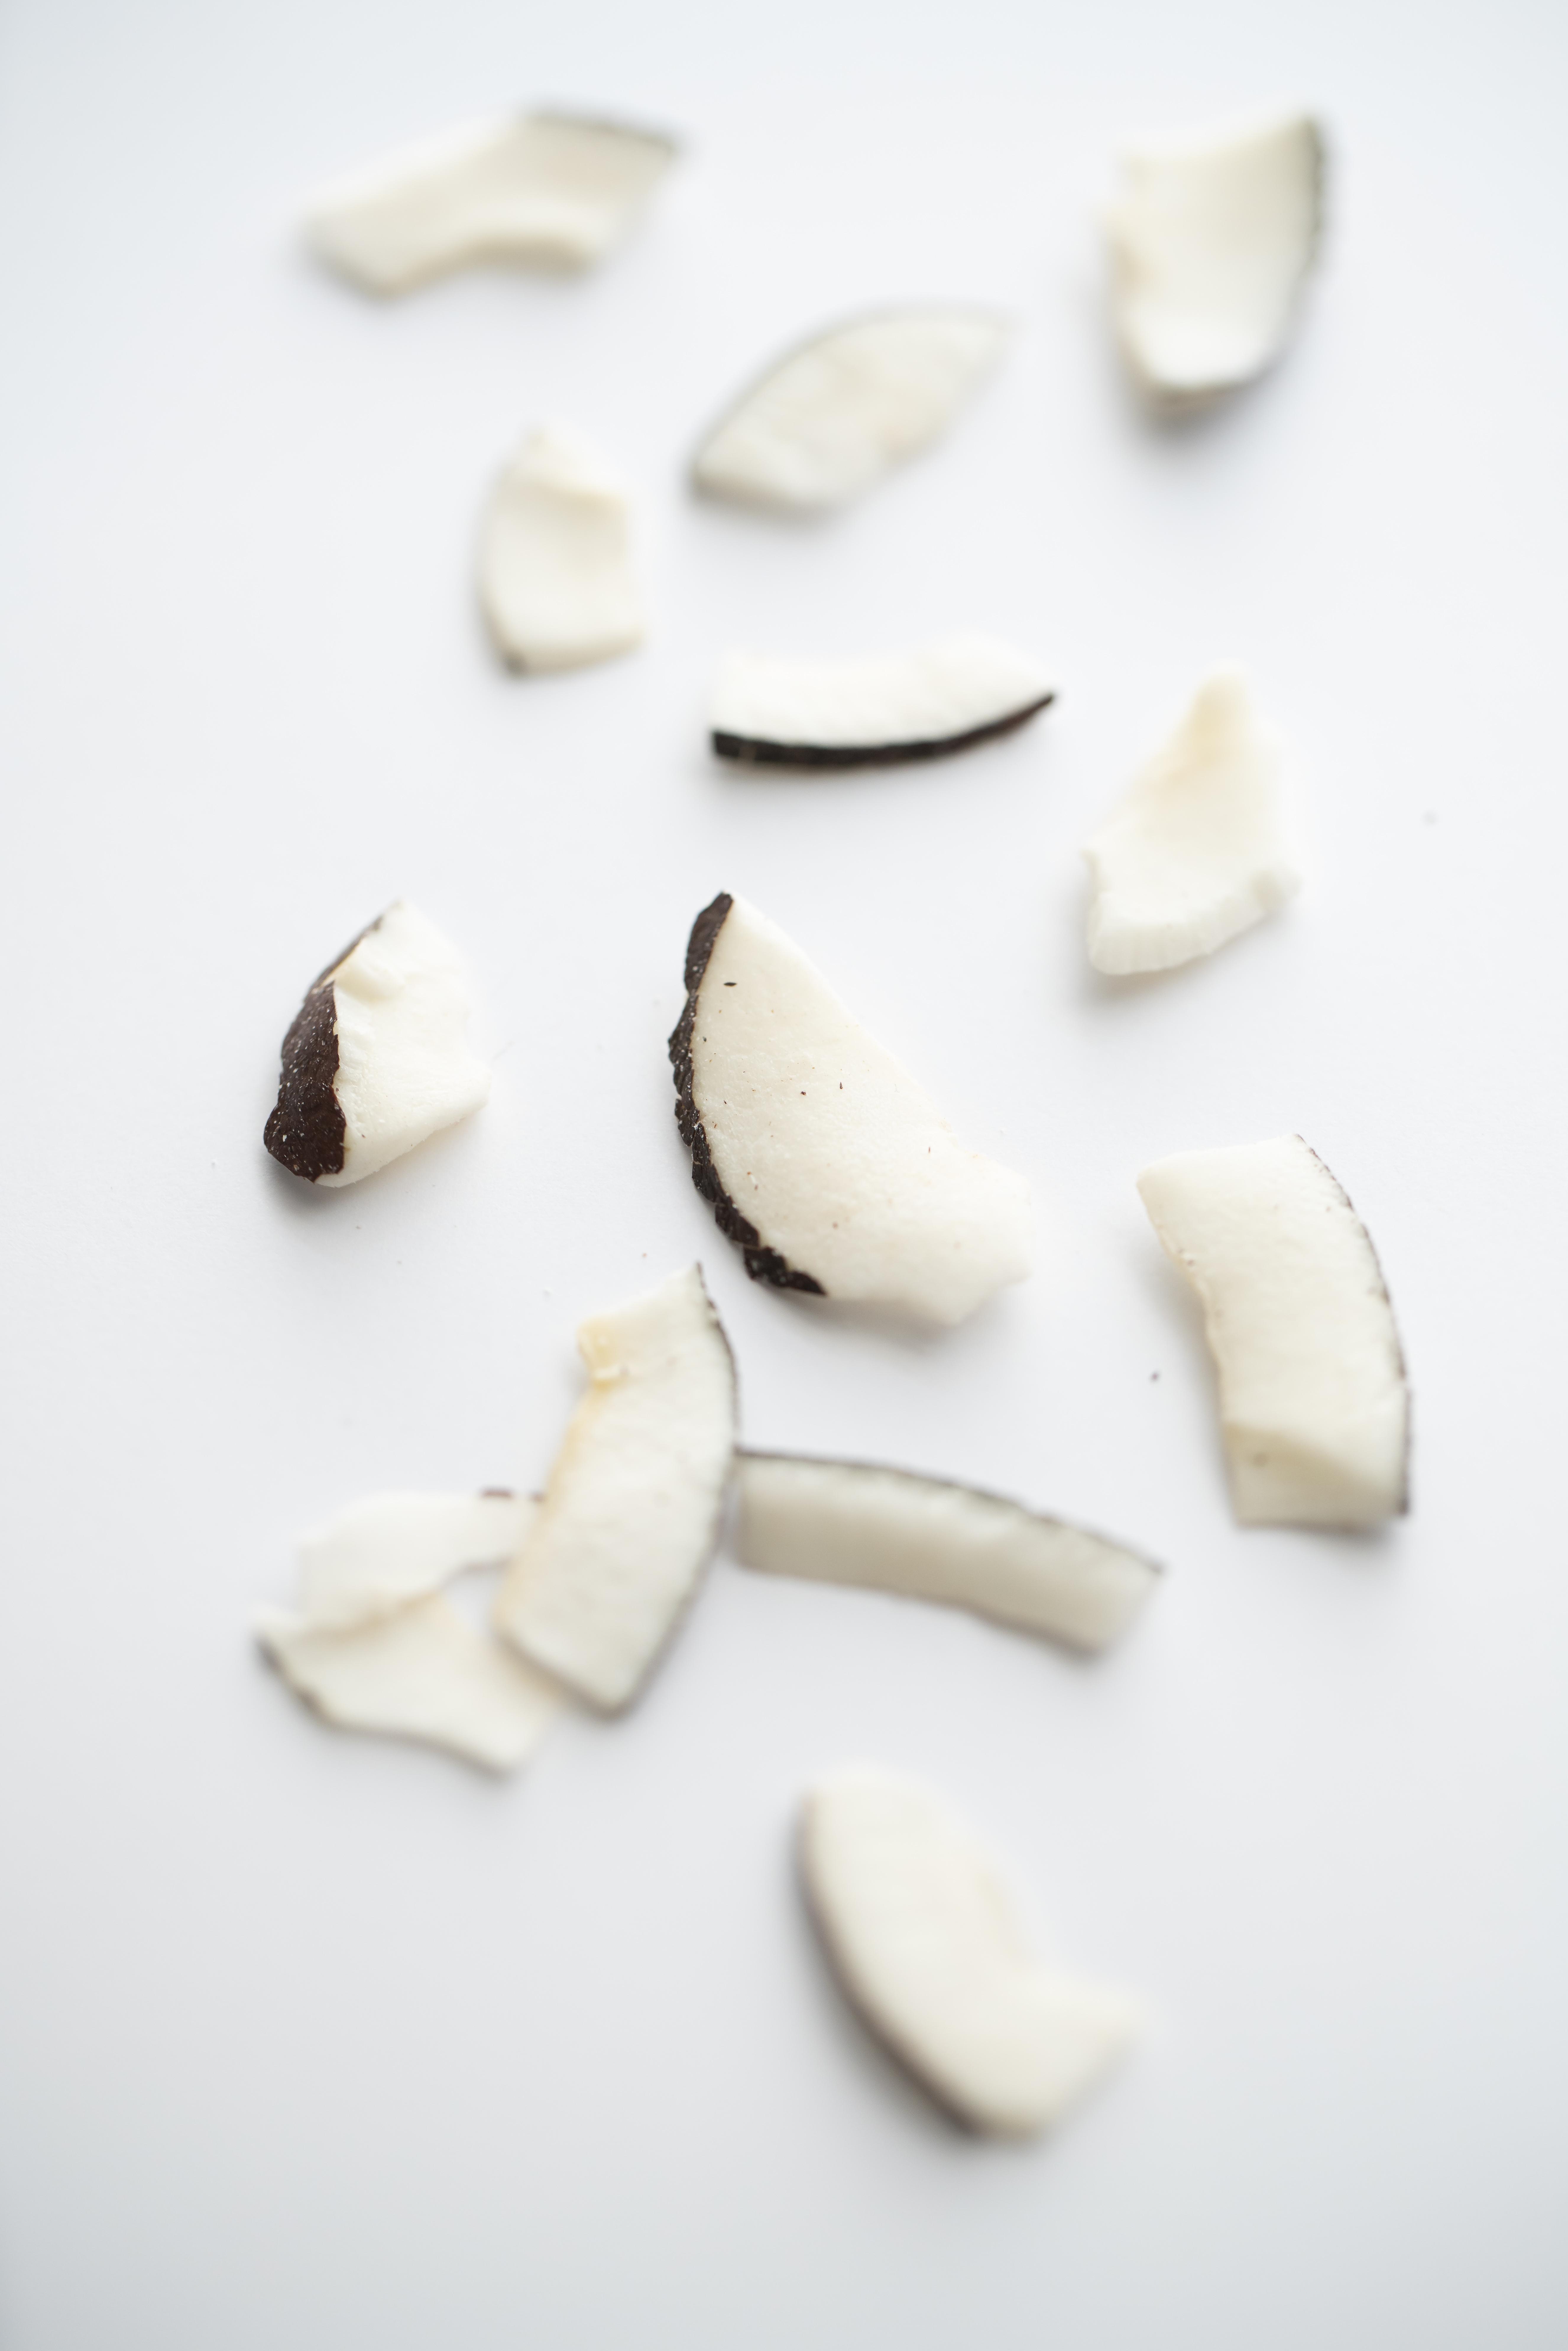 coco chips bio en vrac de Supersec, c'est l'idéal pour les petites pauses sucrées